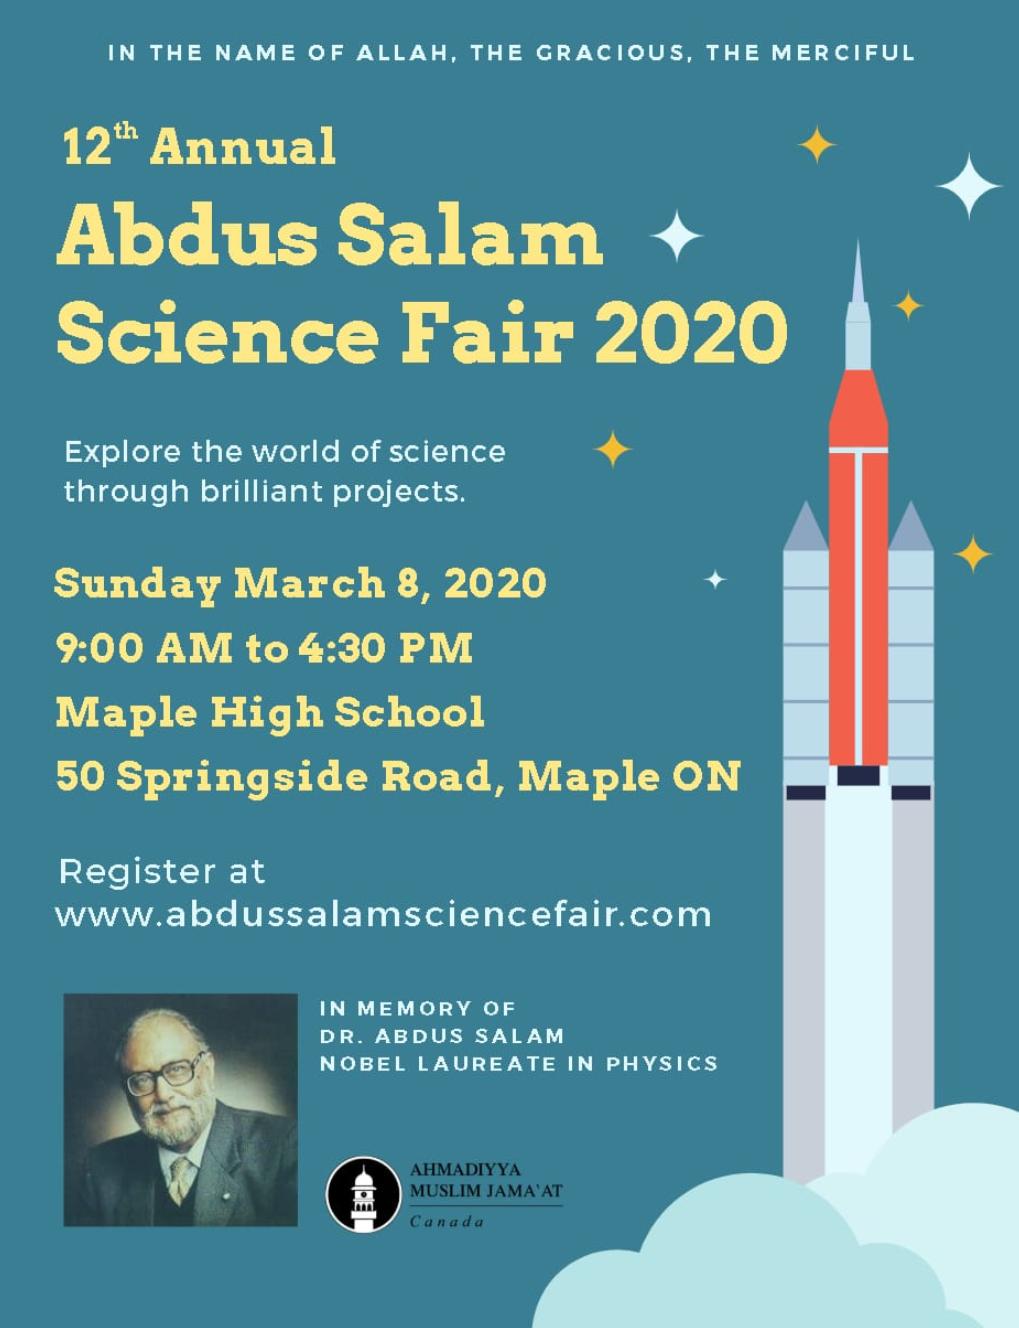 Abdus Salam Science Fair